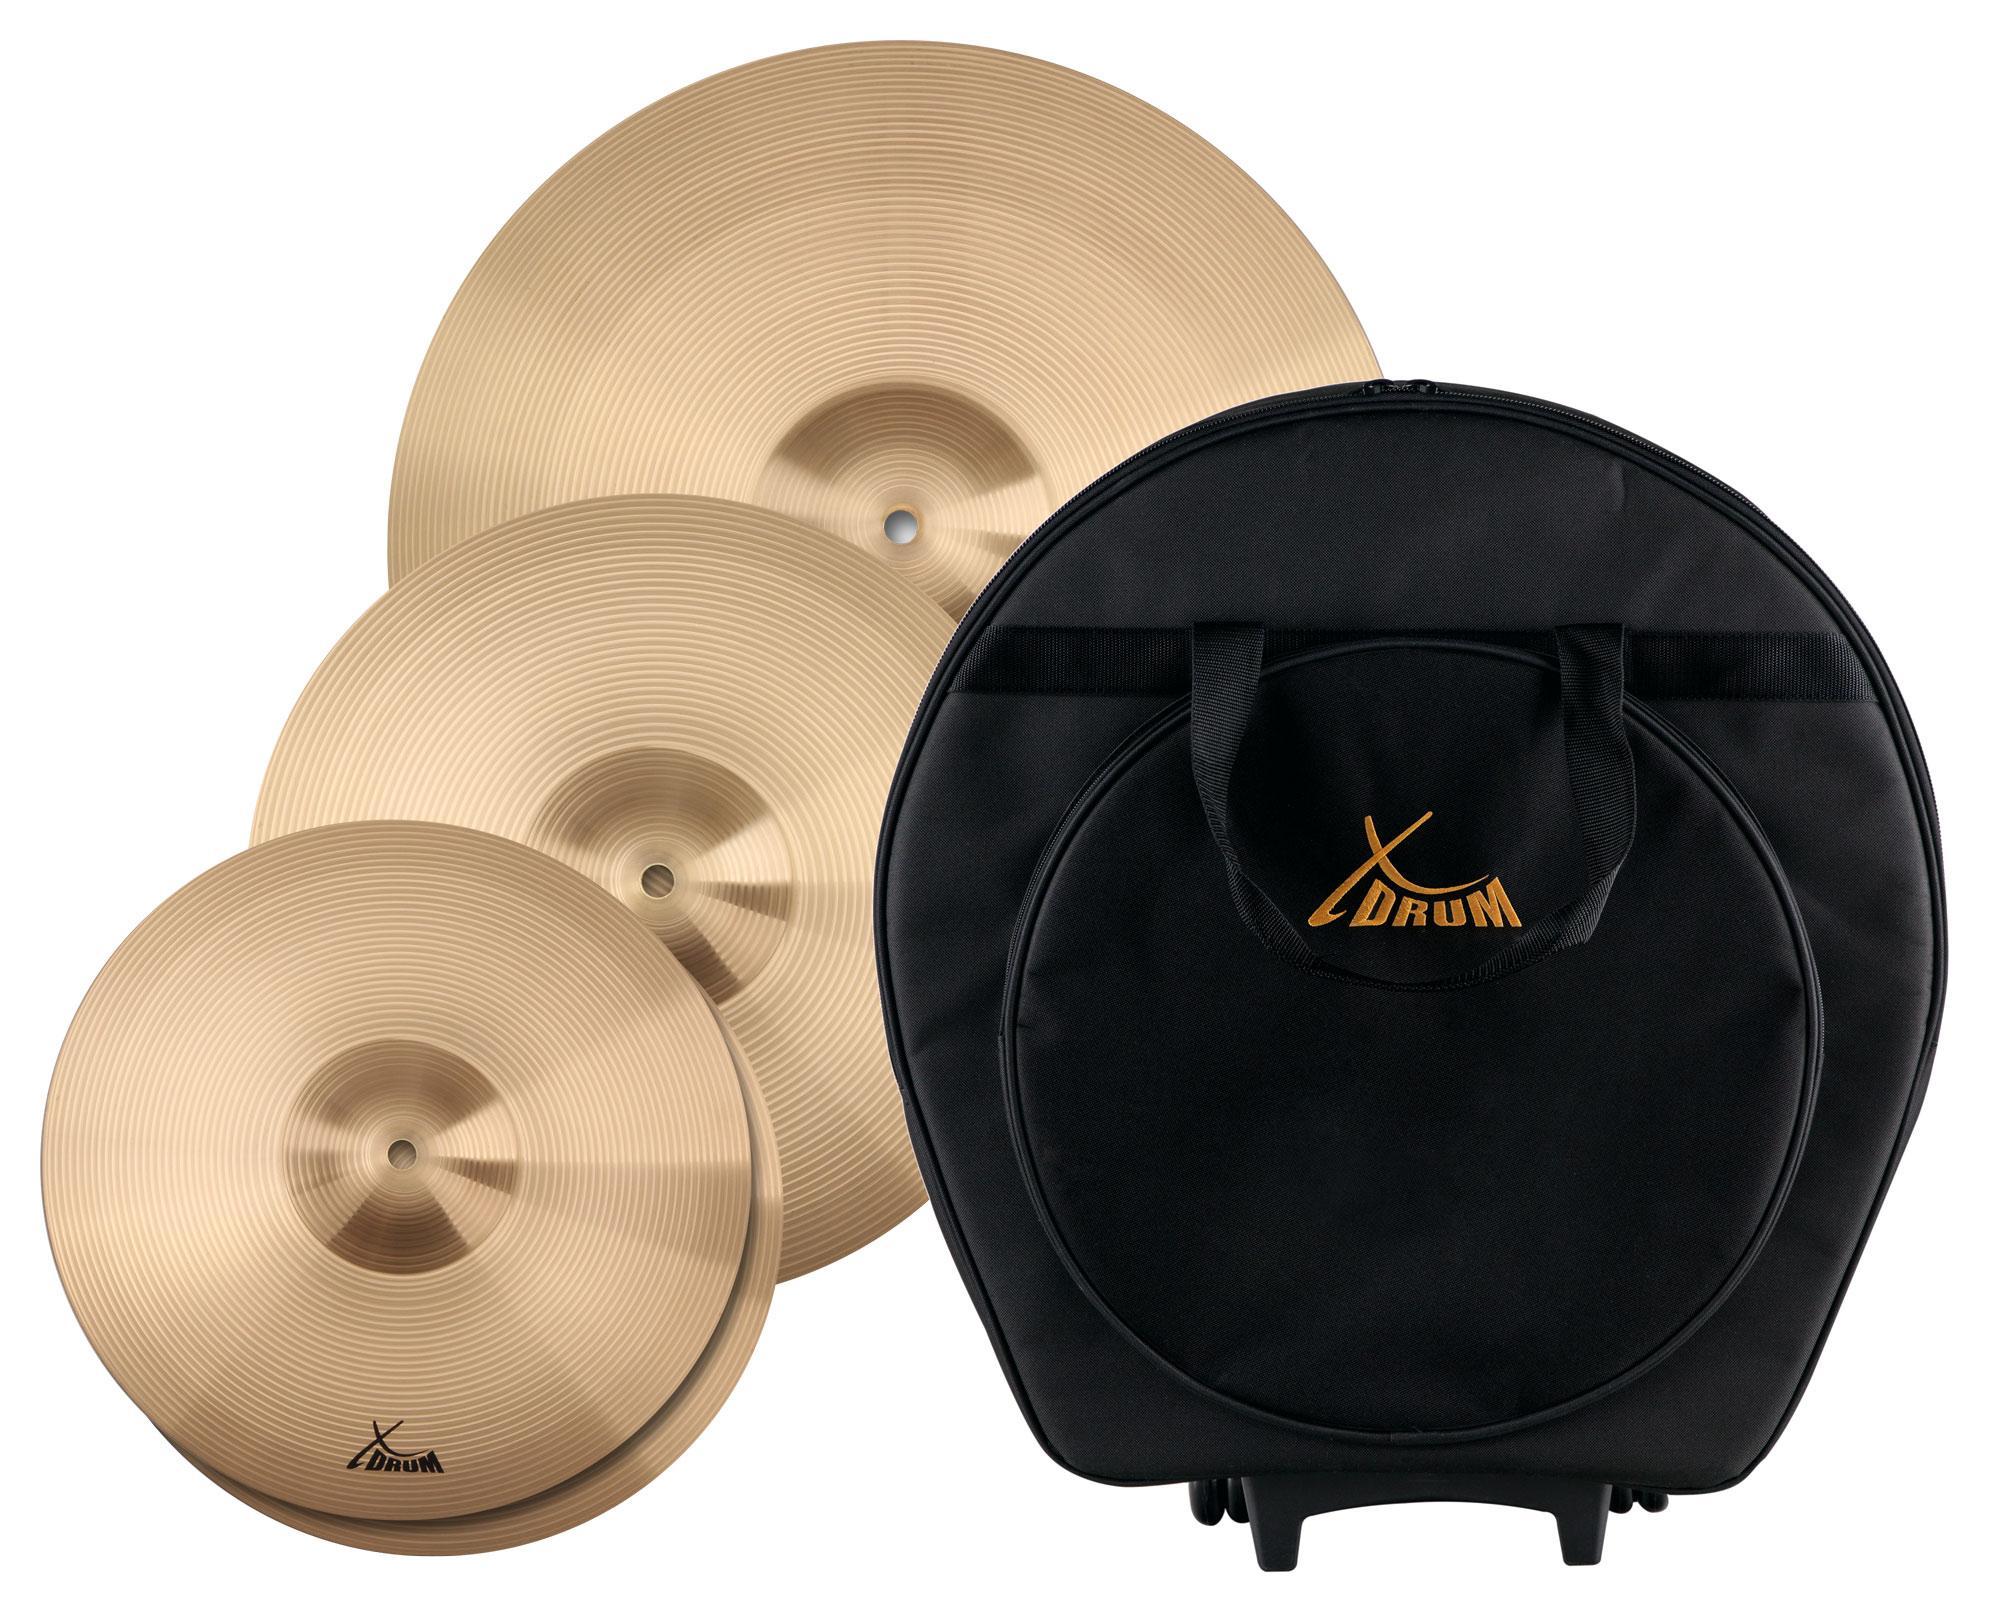 XDrum Eco Standard Beckensatz mit Beckentasche